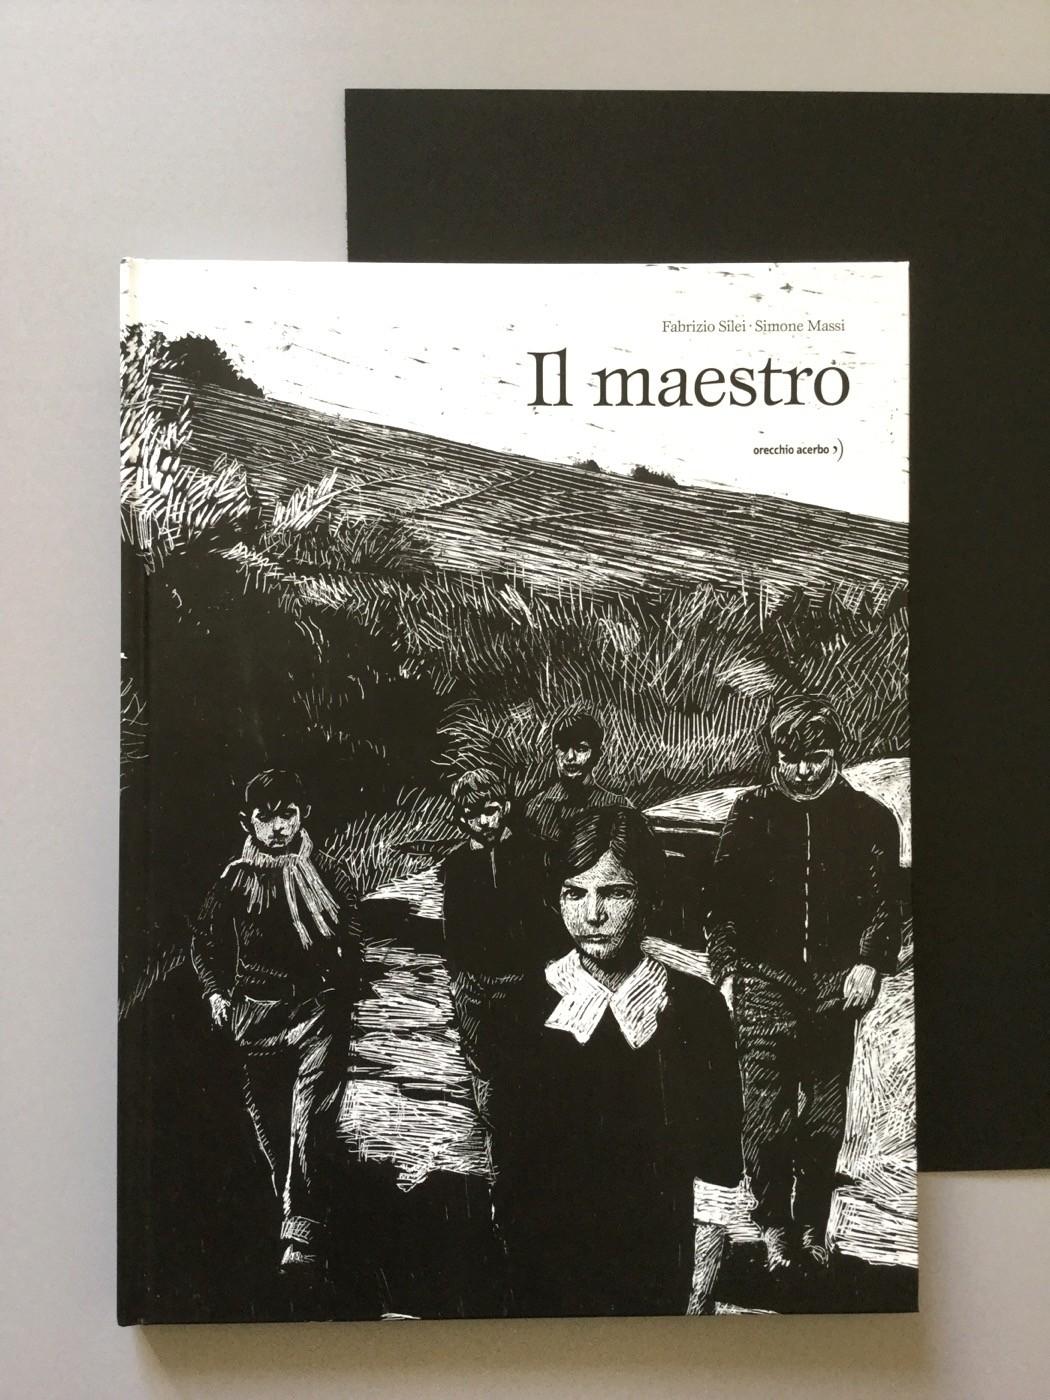 maestro_fabrizio_silei_simone_massi_orecchio_acerbo_galline_volanti